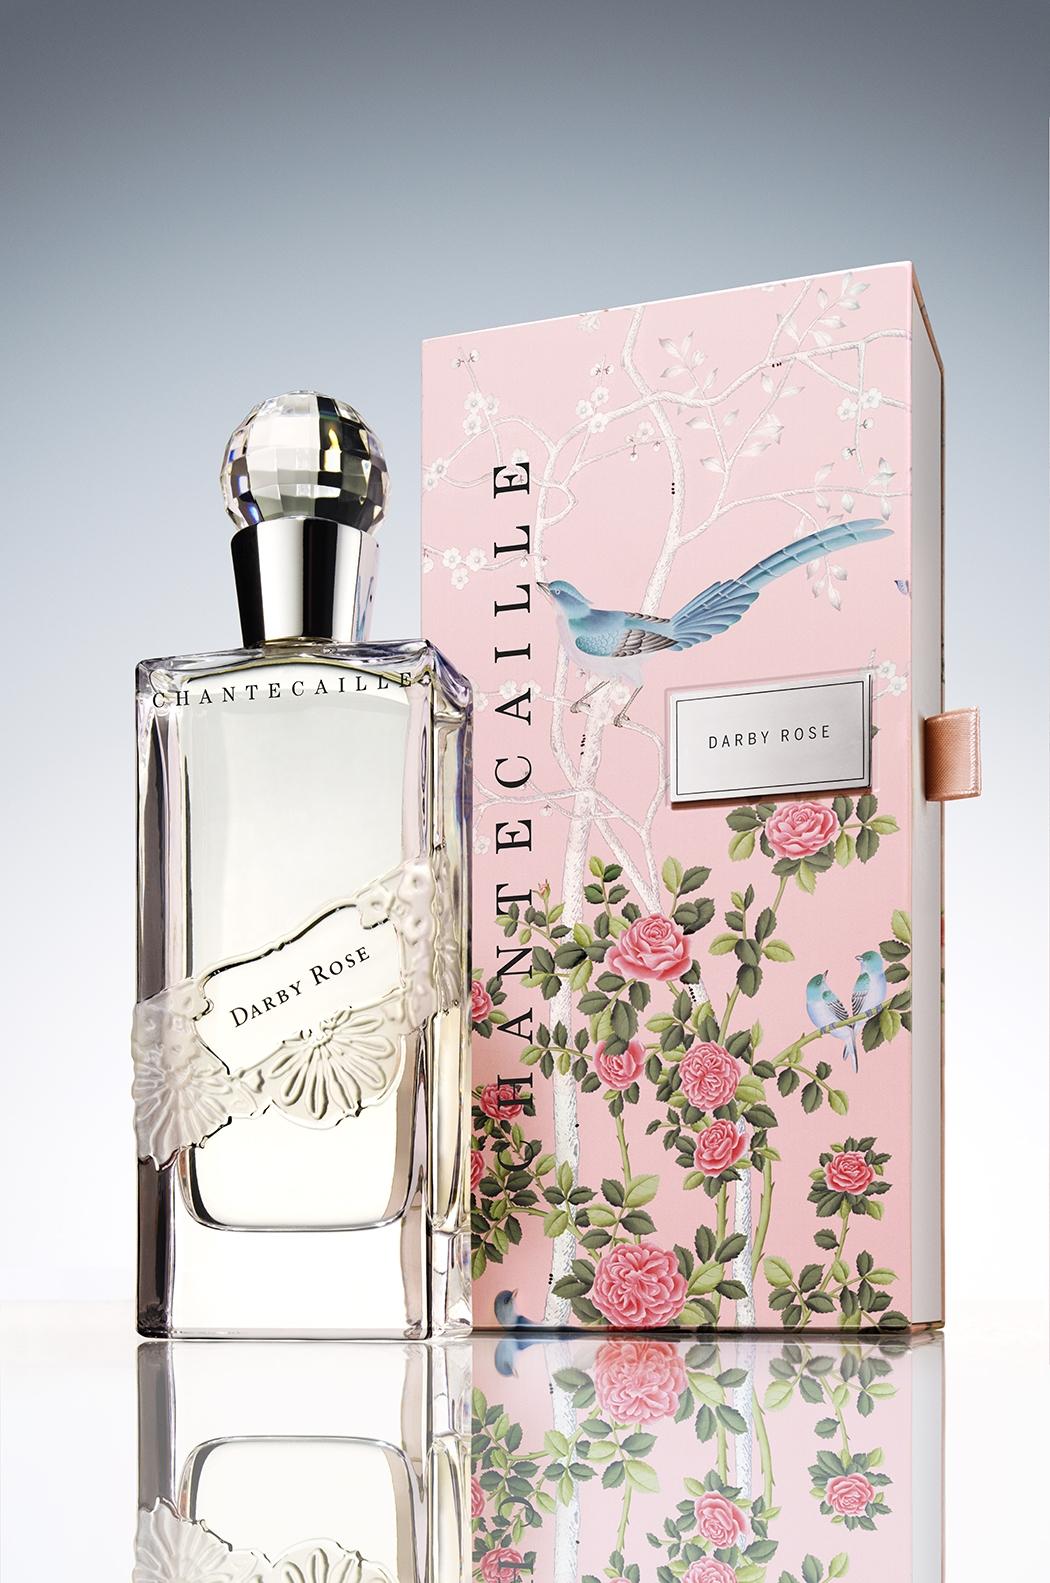 香水控必搜~沒買給自己真的會後悔,「達比玫瑰」一噴就是氣質,輕甜優雅就像滾過玫瑰花瓣般